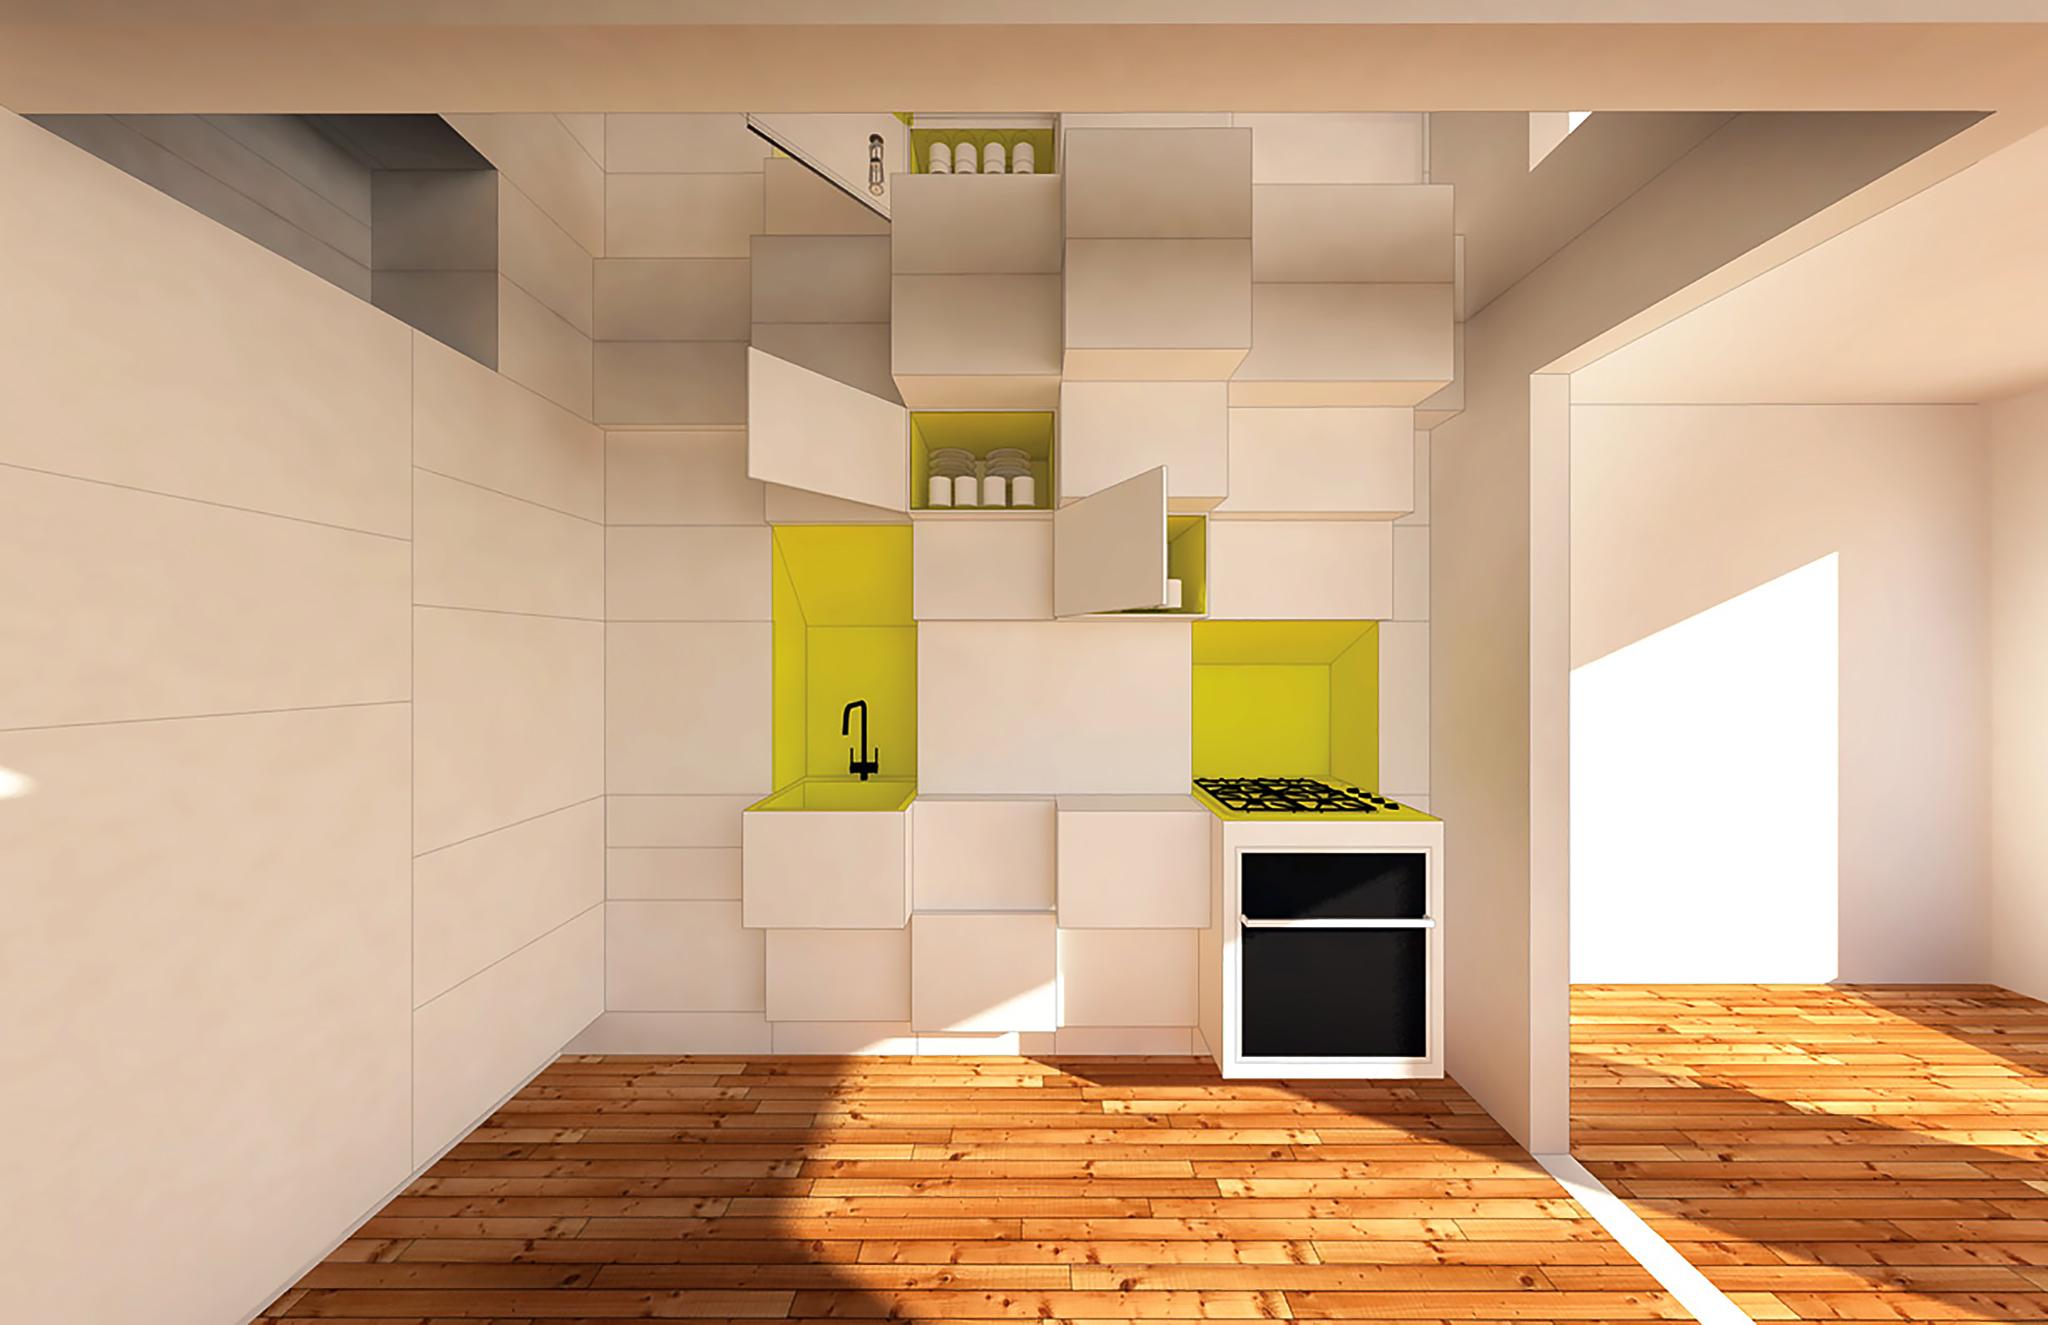 kitchen clound_modo26.jpg